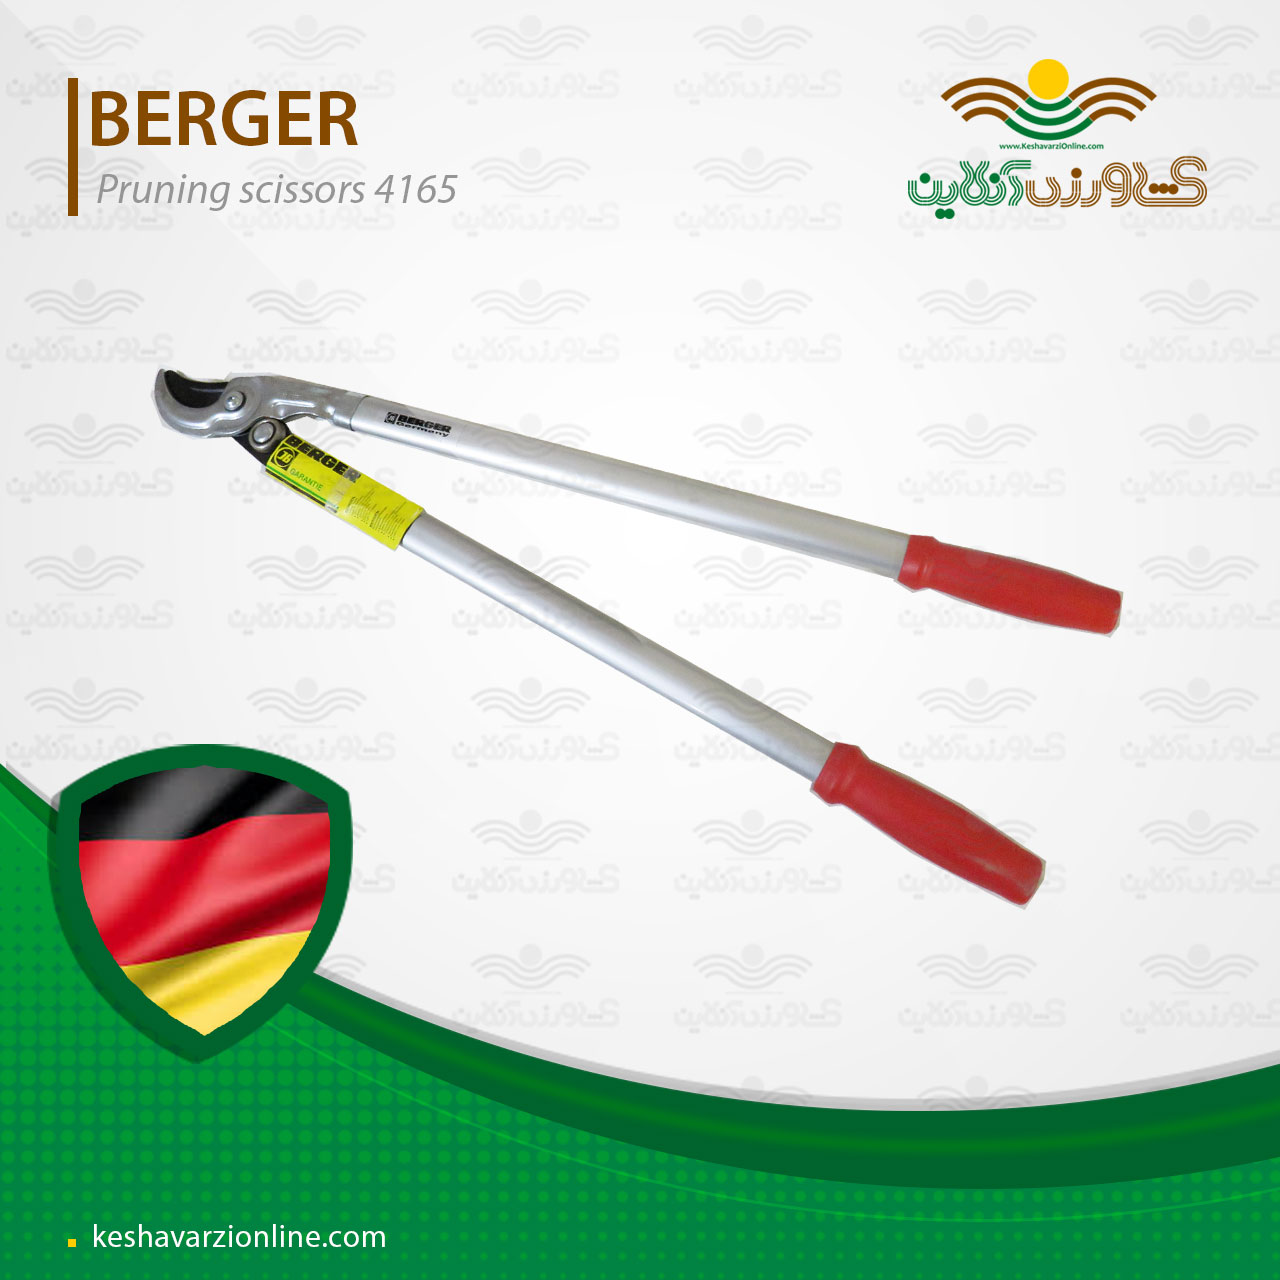 قیمت قیچی باغبانی برگر آلمان شاخه زن 4165